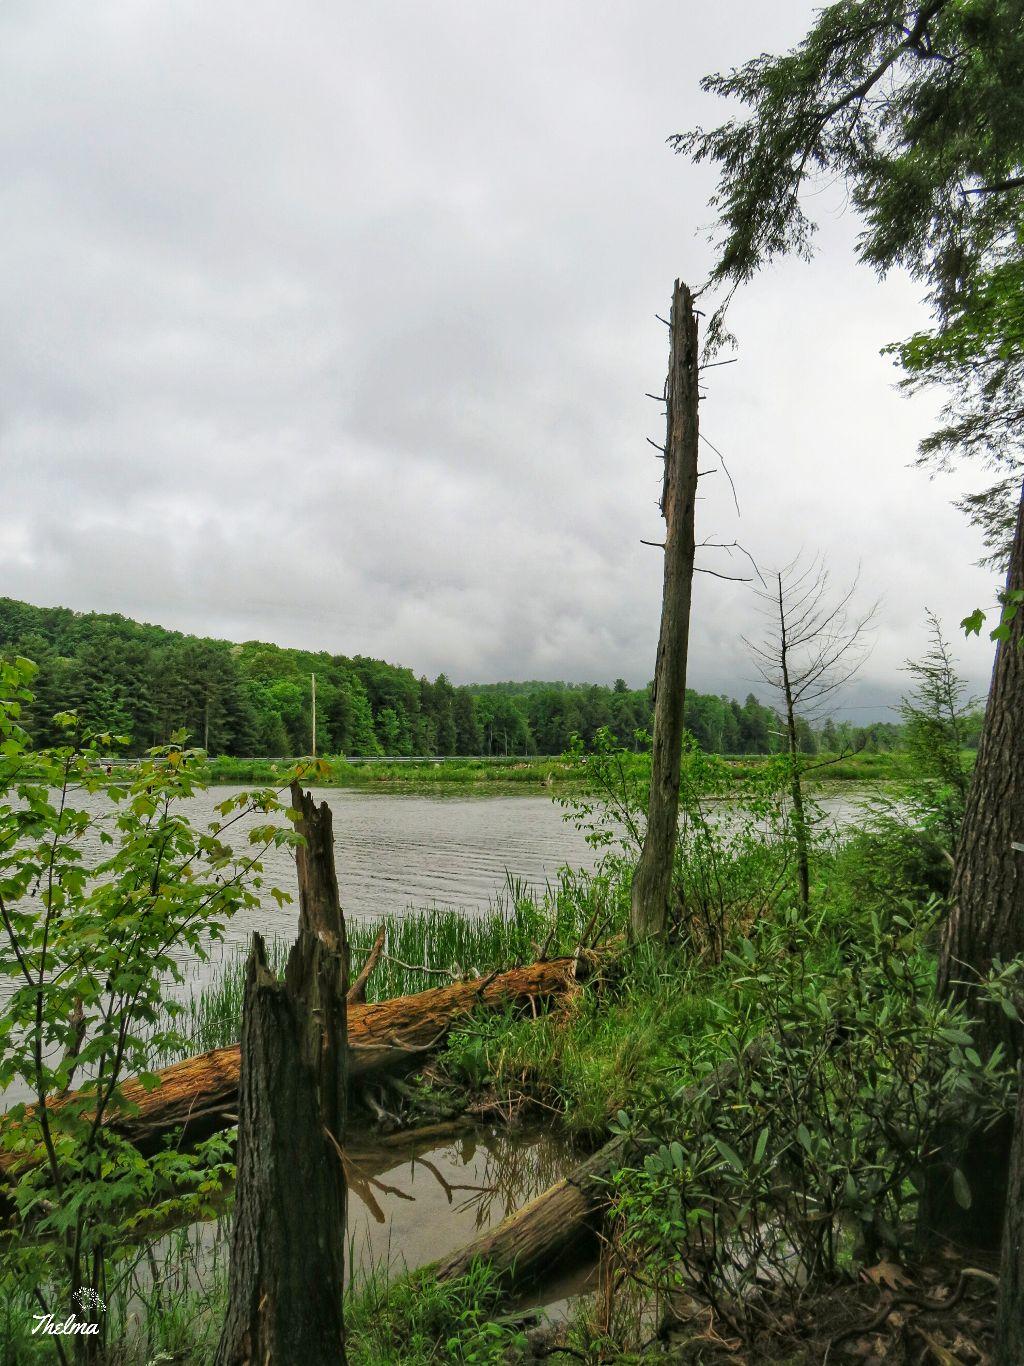 #swamp #dam #lake #moody